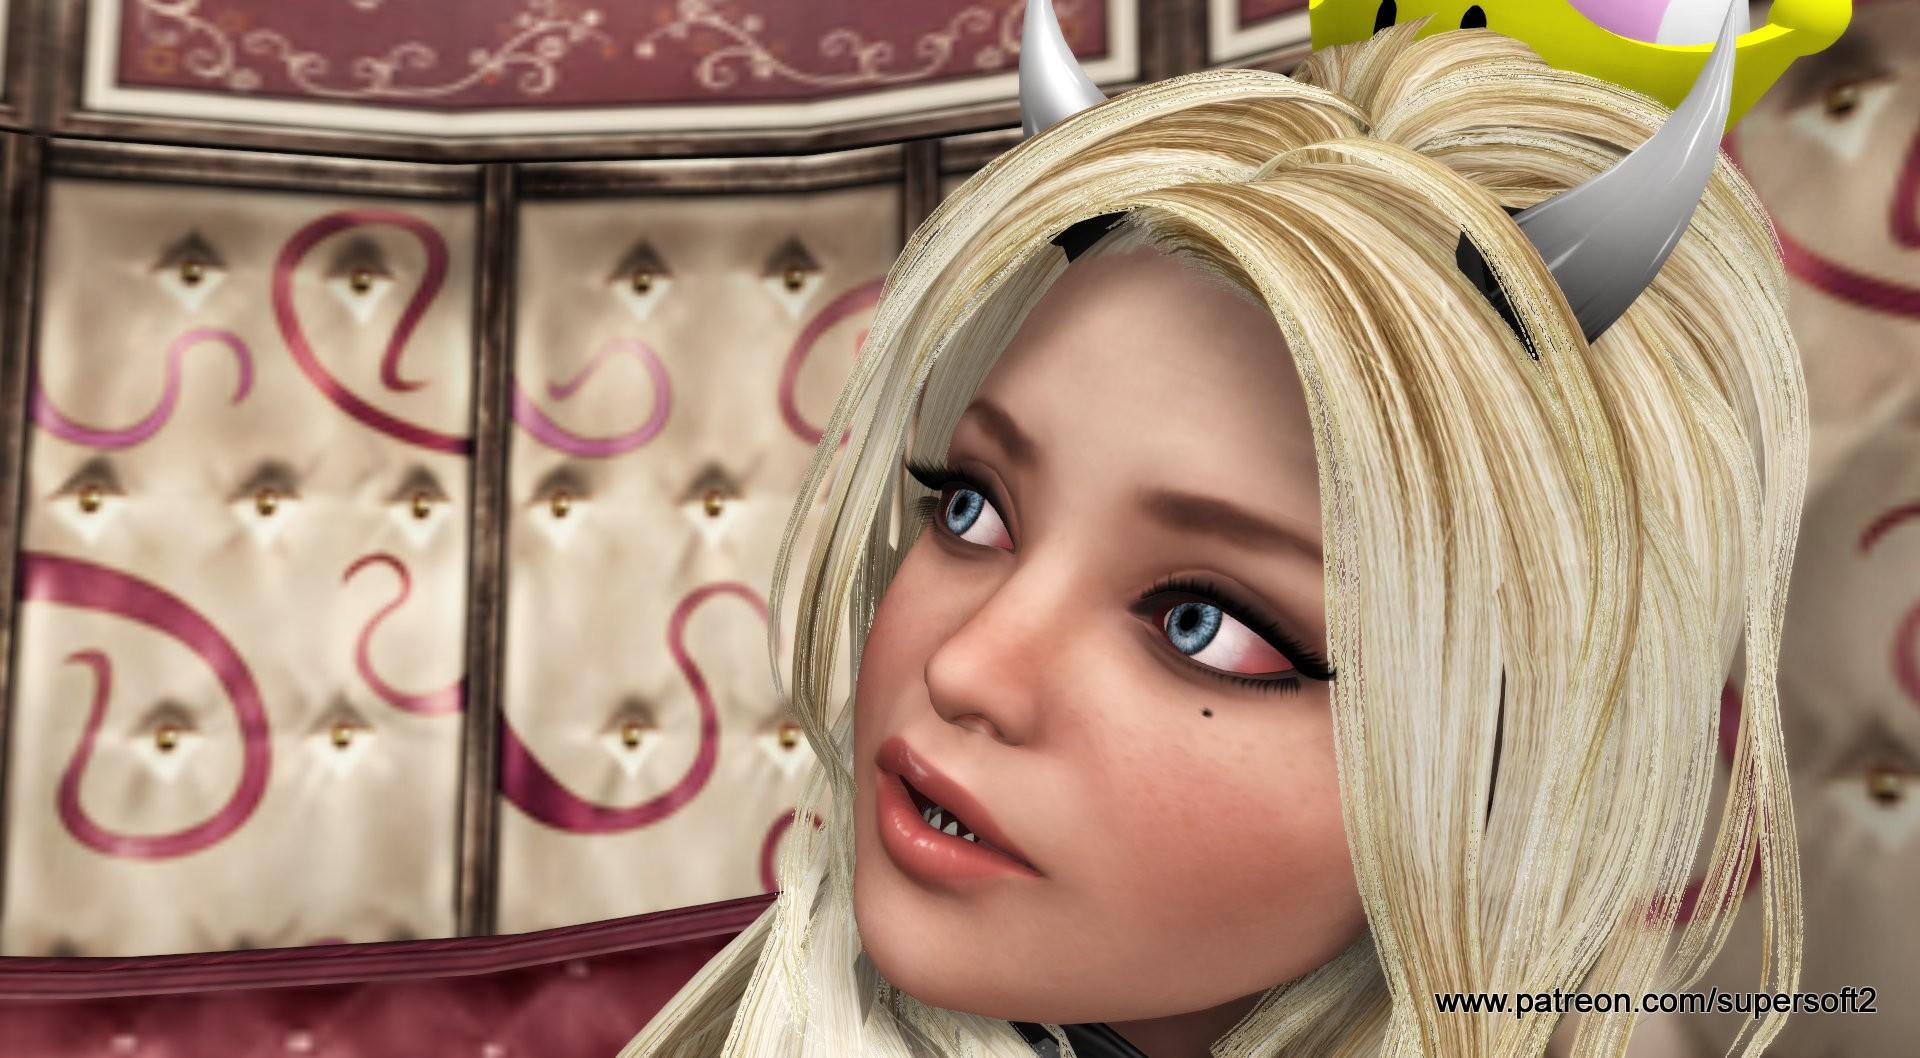 The Princess 33